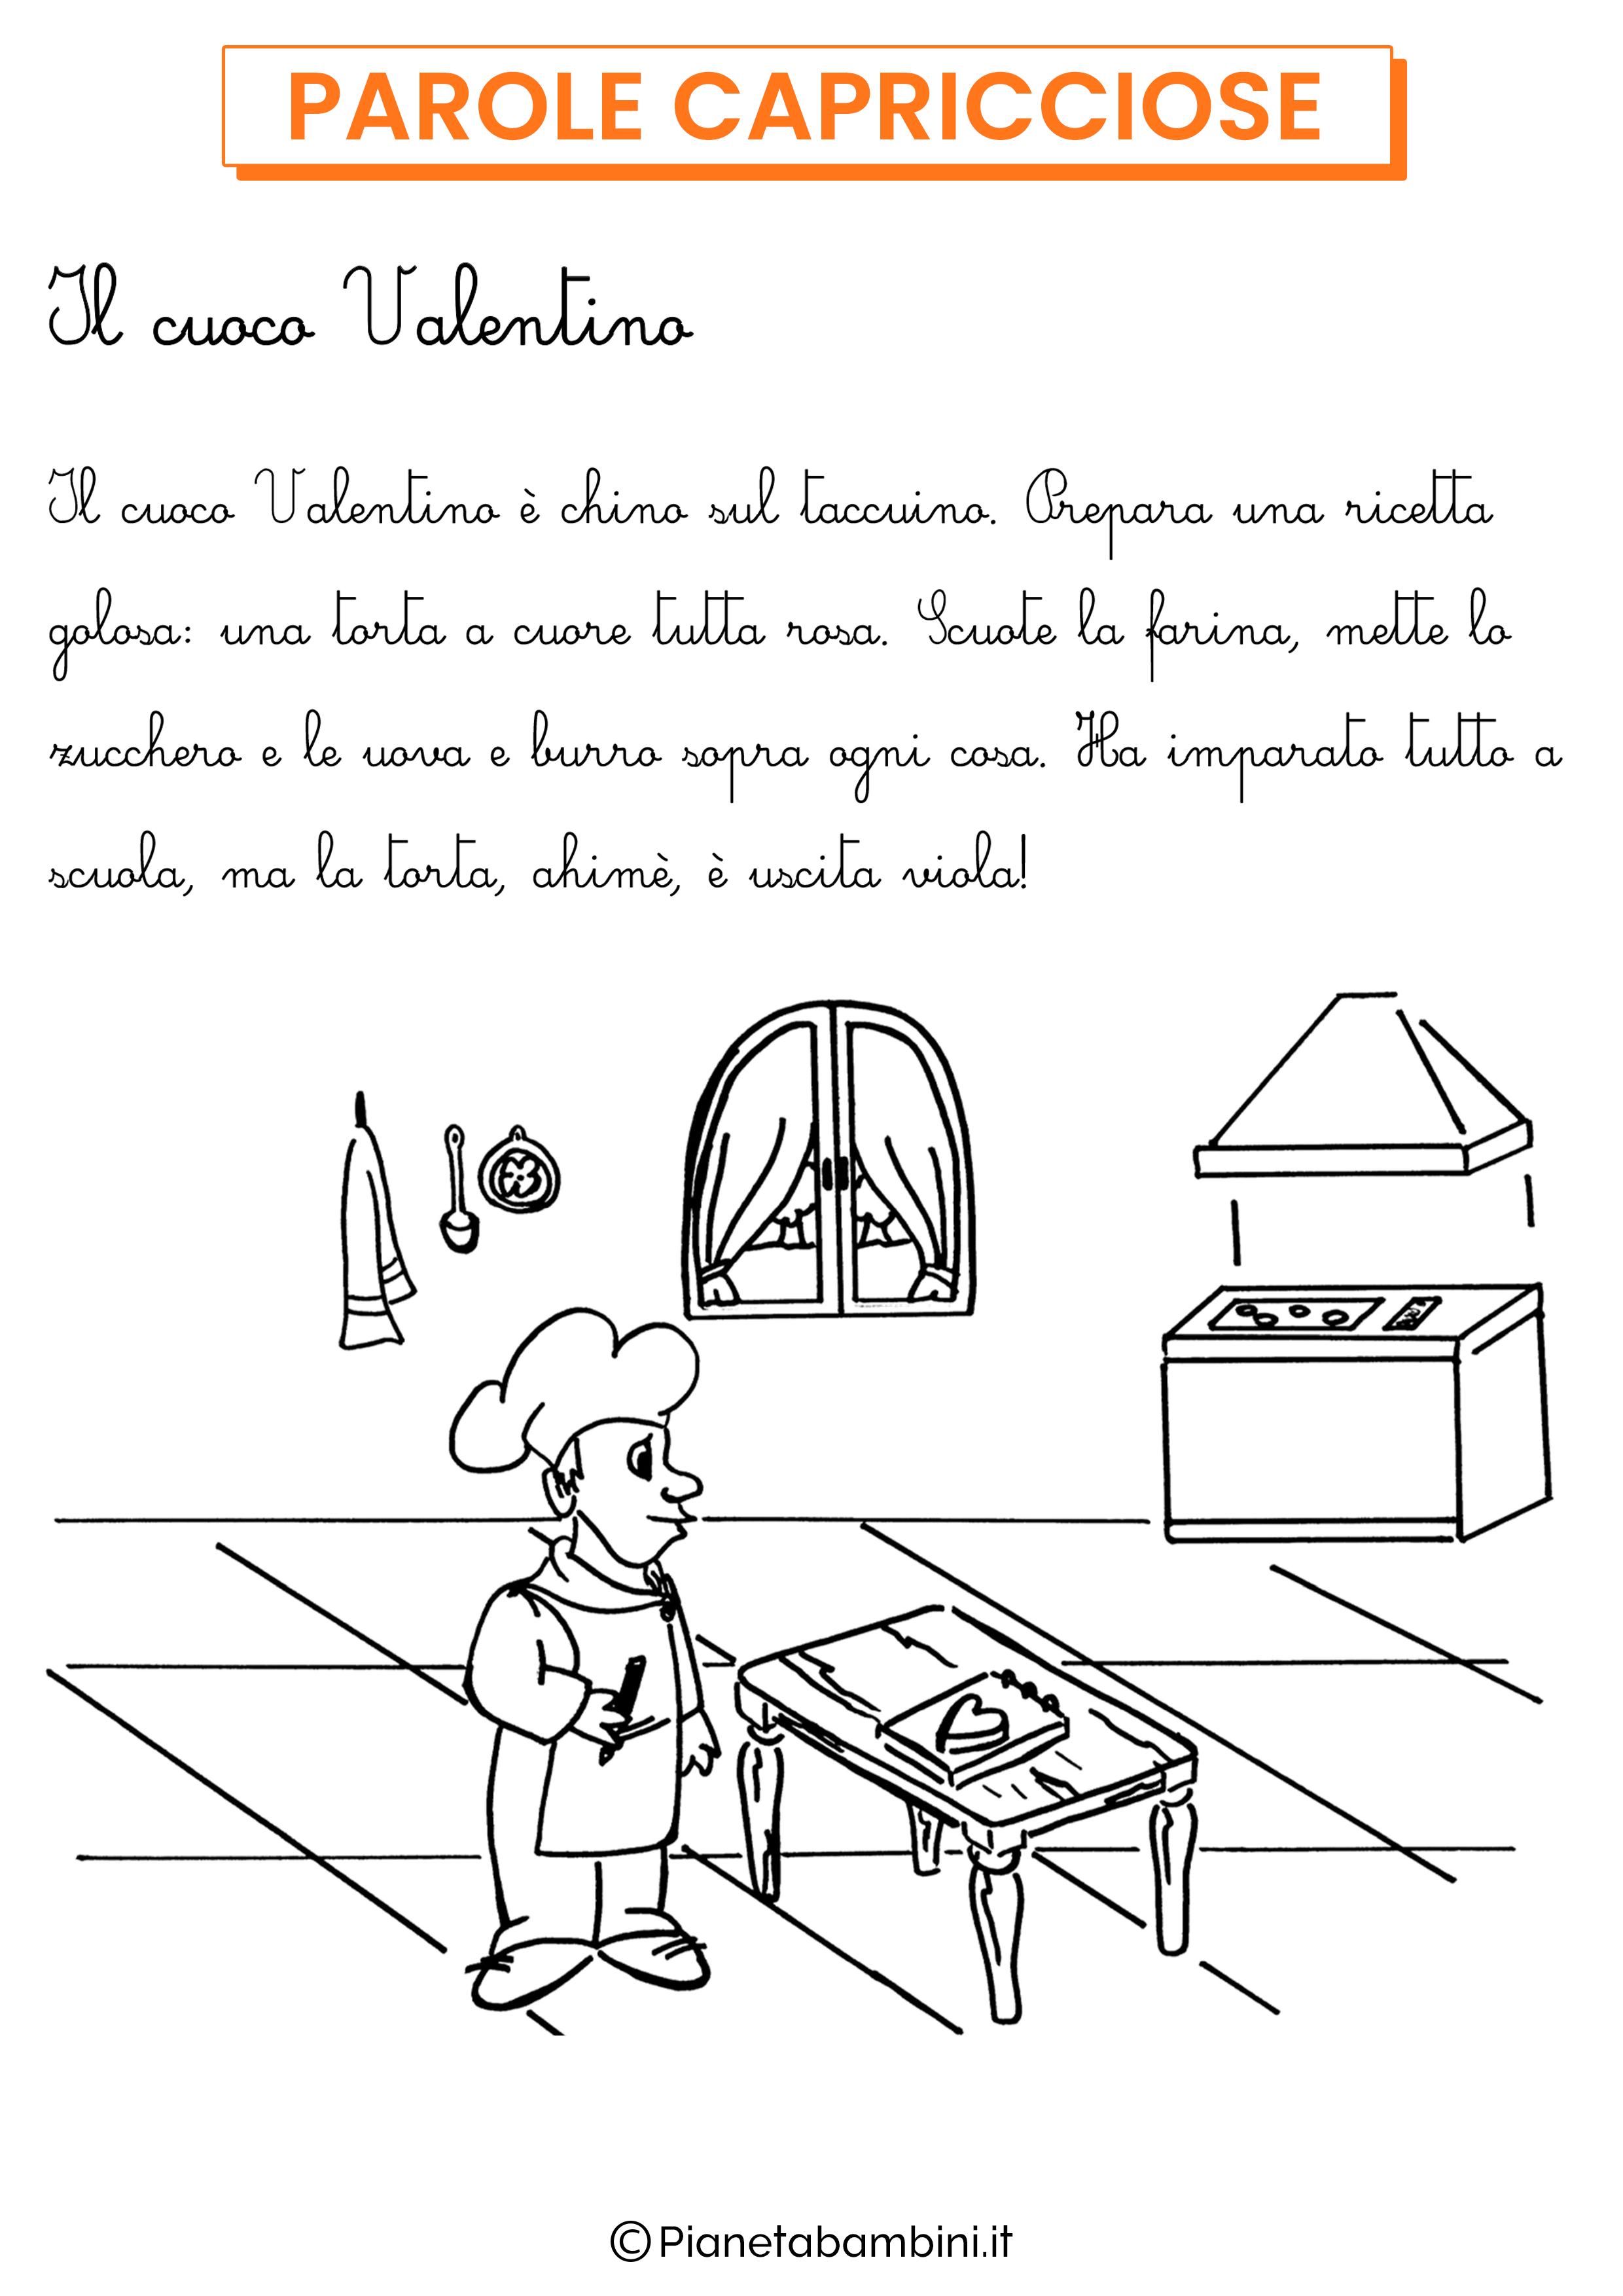 Storia in corsivo parole capricciose da stampare